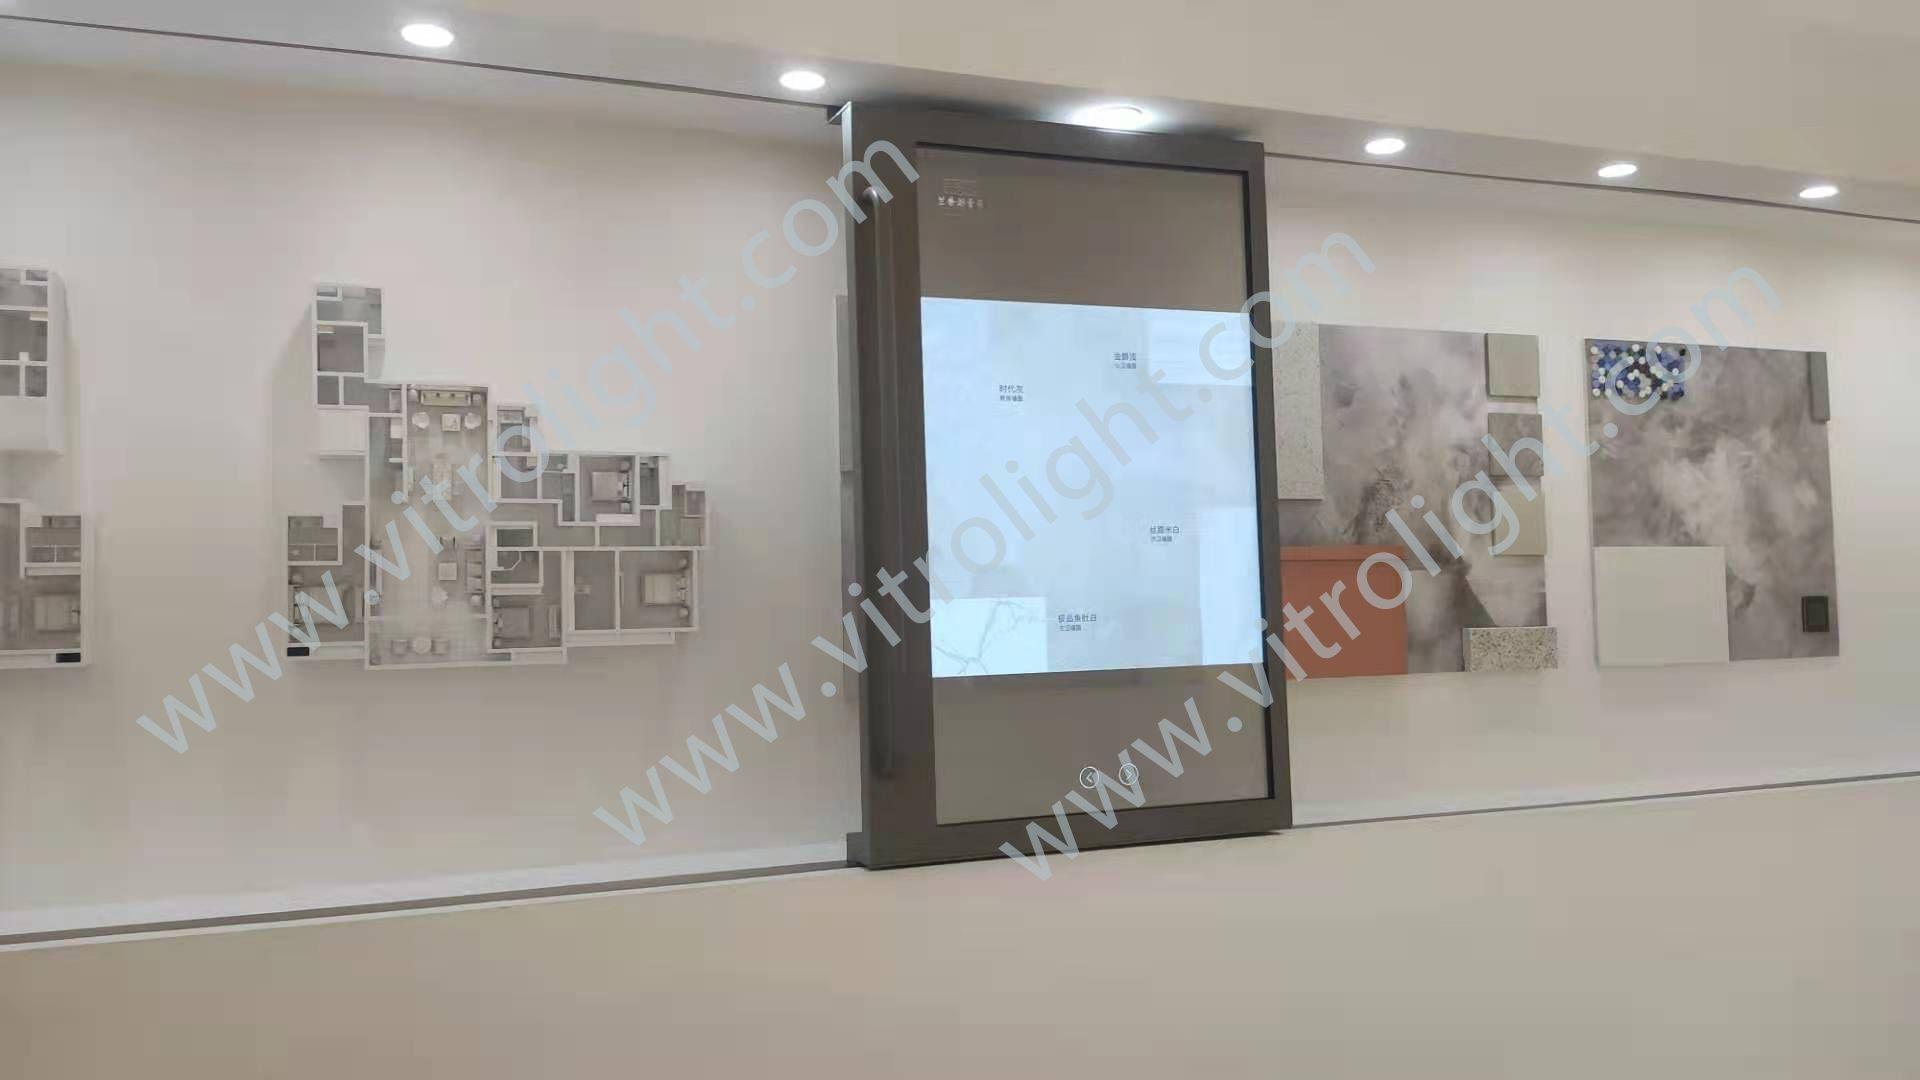 上海市閔行區蘭香湖售樓處 55寸透明移動屏項目